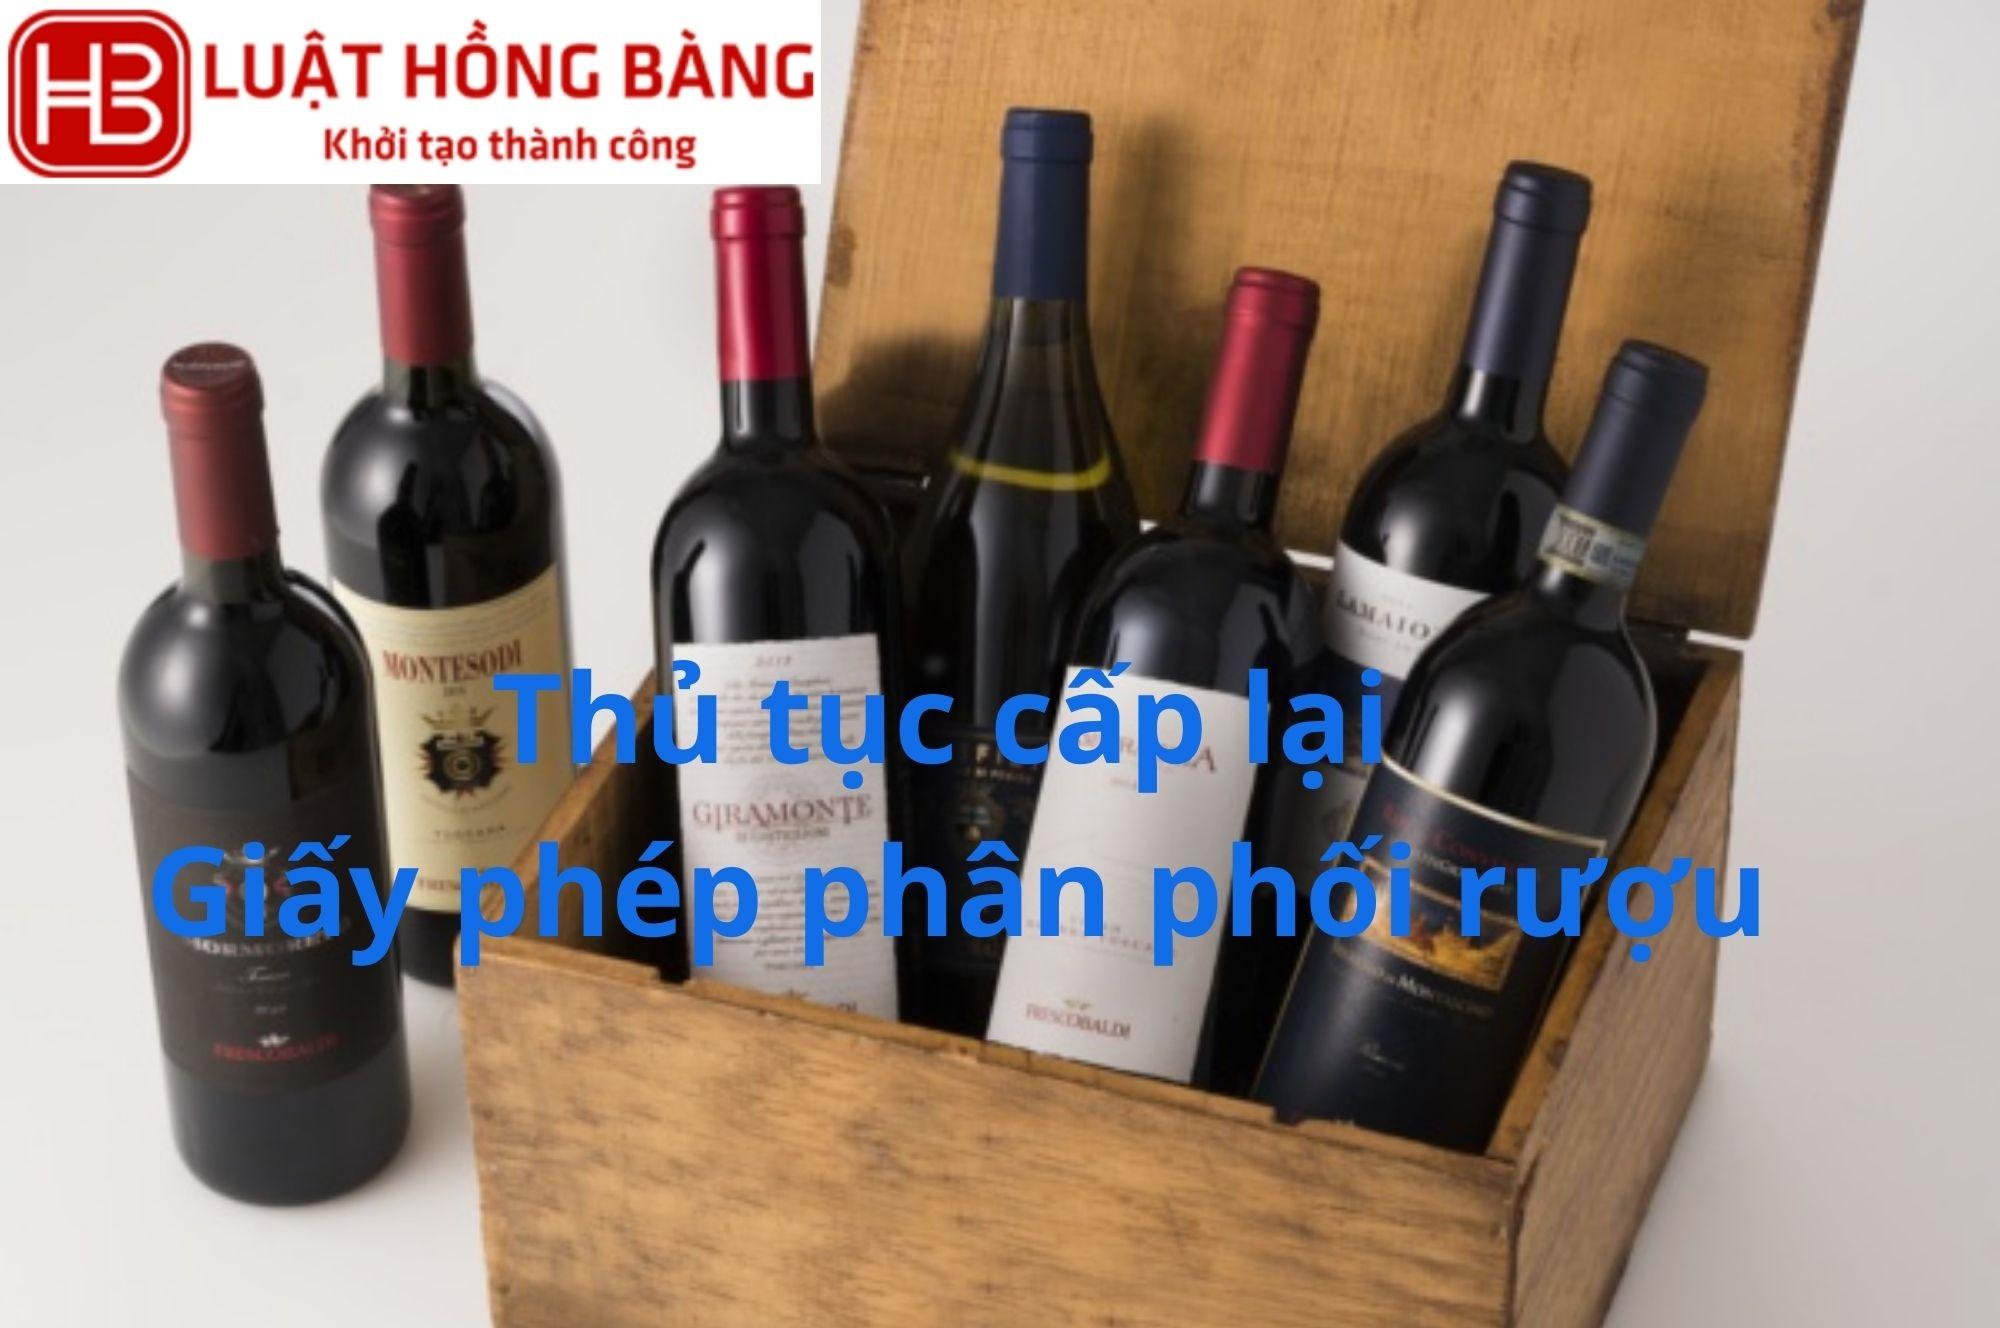 Thủ tục cấp lại Giấy phép phân phối rượu